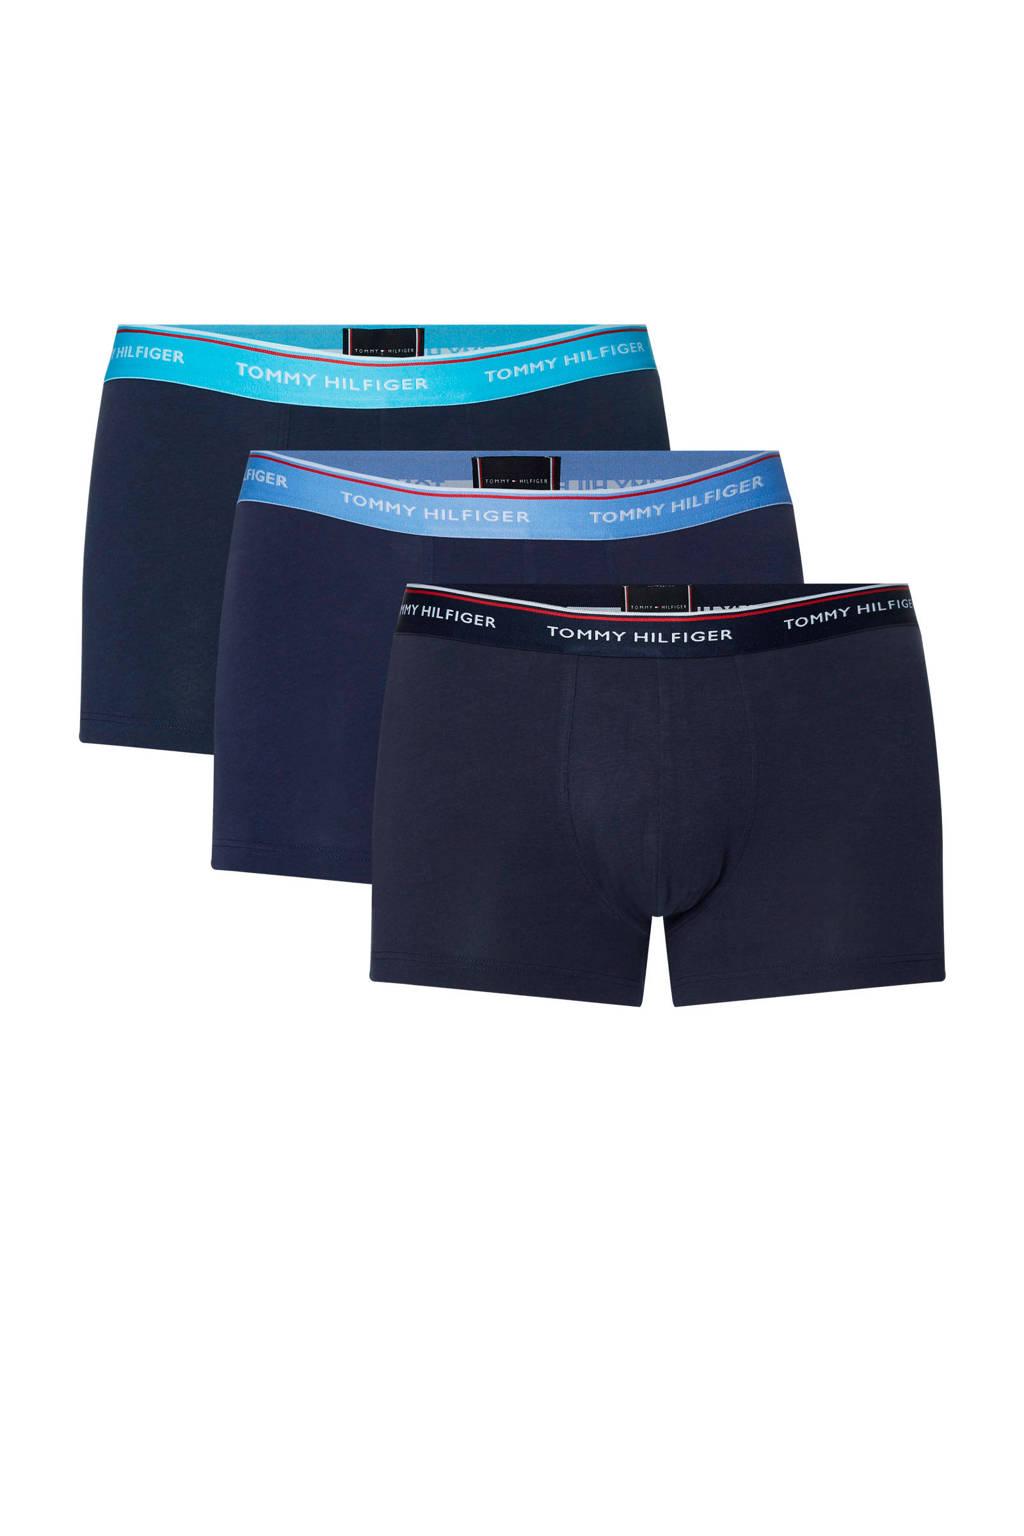 Tommy Hilfiger boxershort (set van 3), Marine / blauw